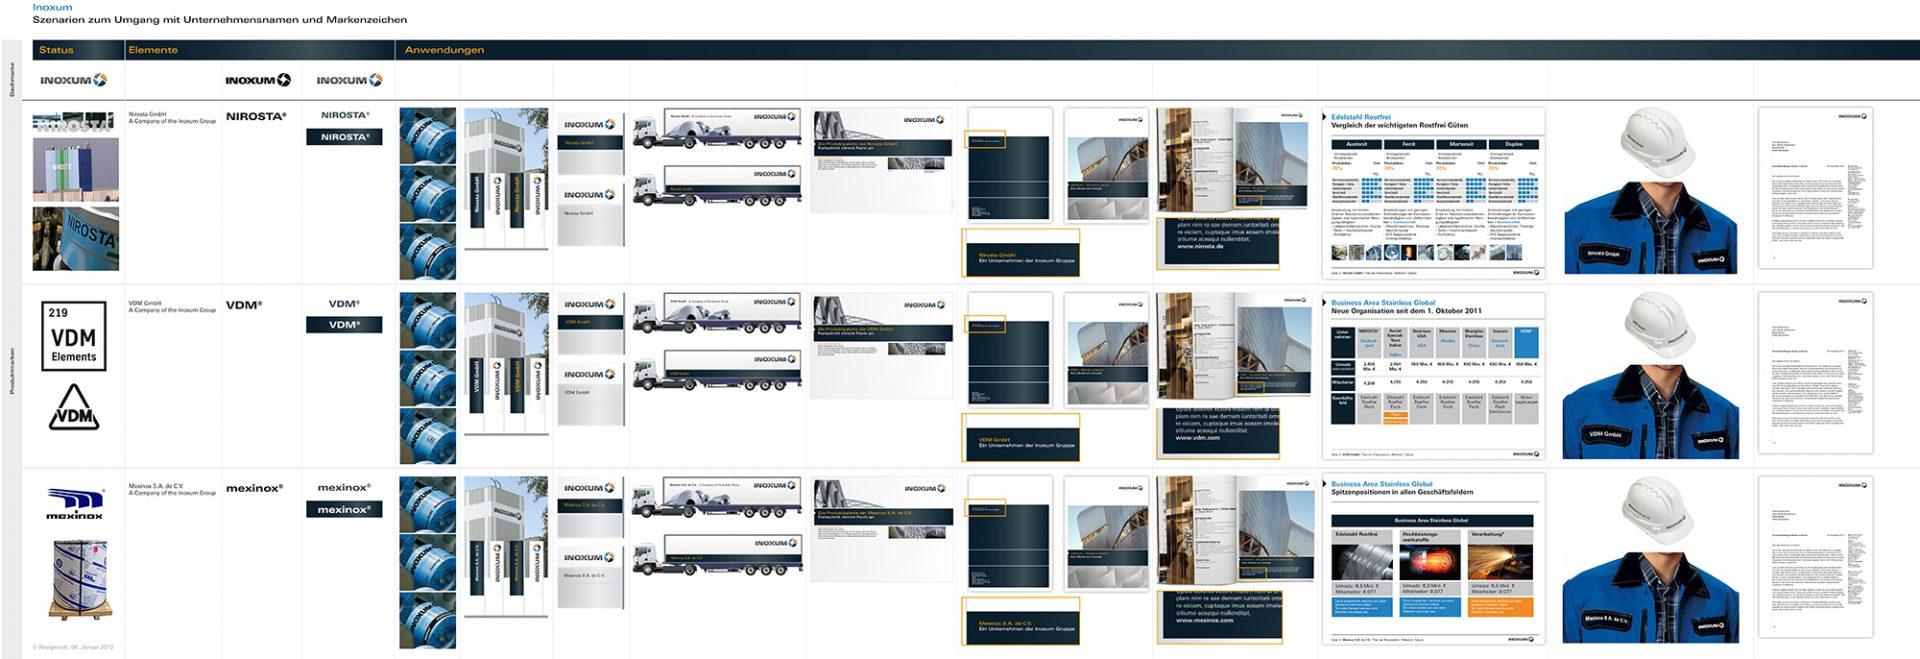 Eine Abbildung der Markenarchitektur von Inoxum mit Bezug auf die Marken NIROSTA und VDM. Design von Realgestalt